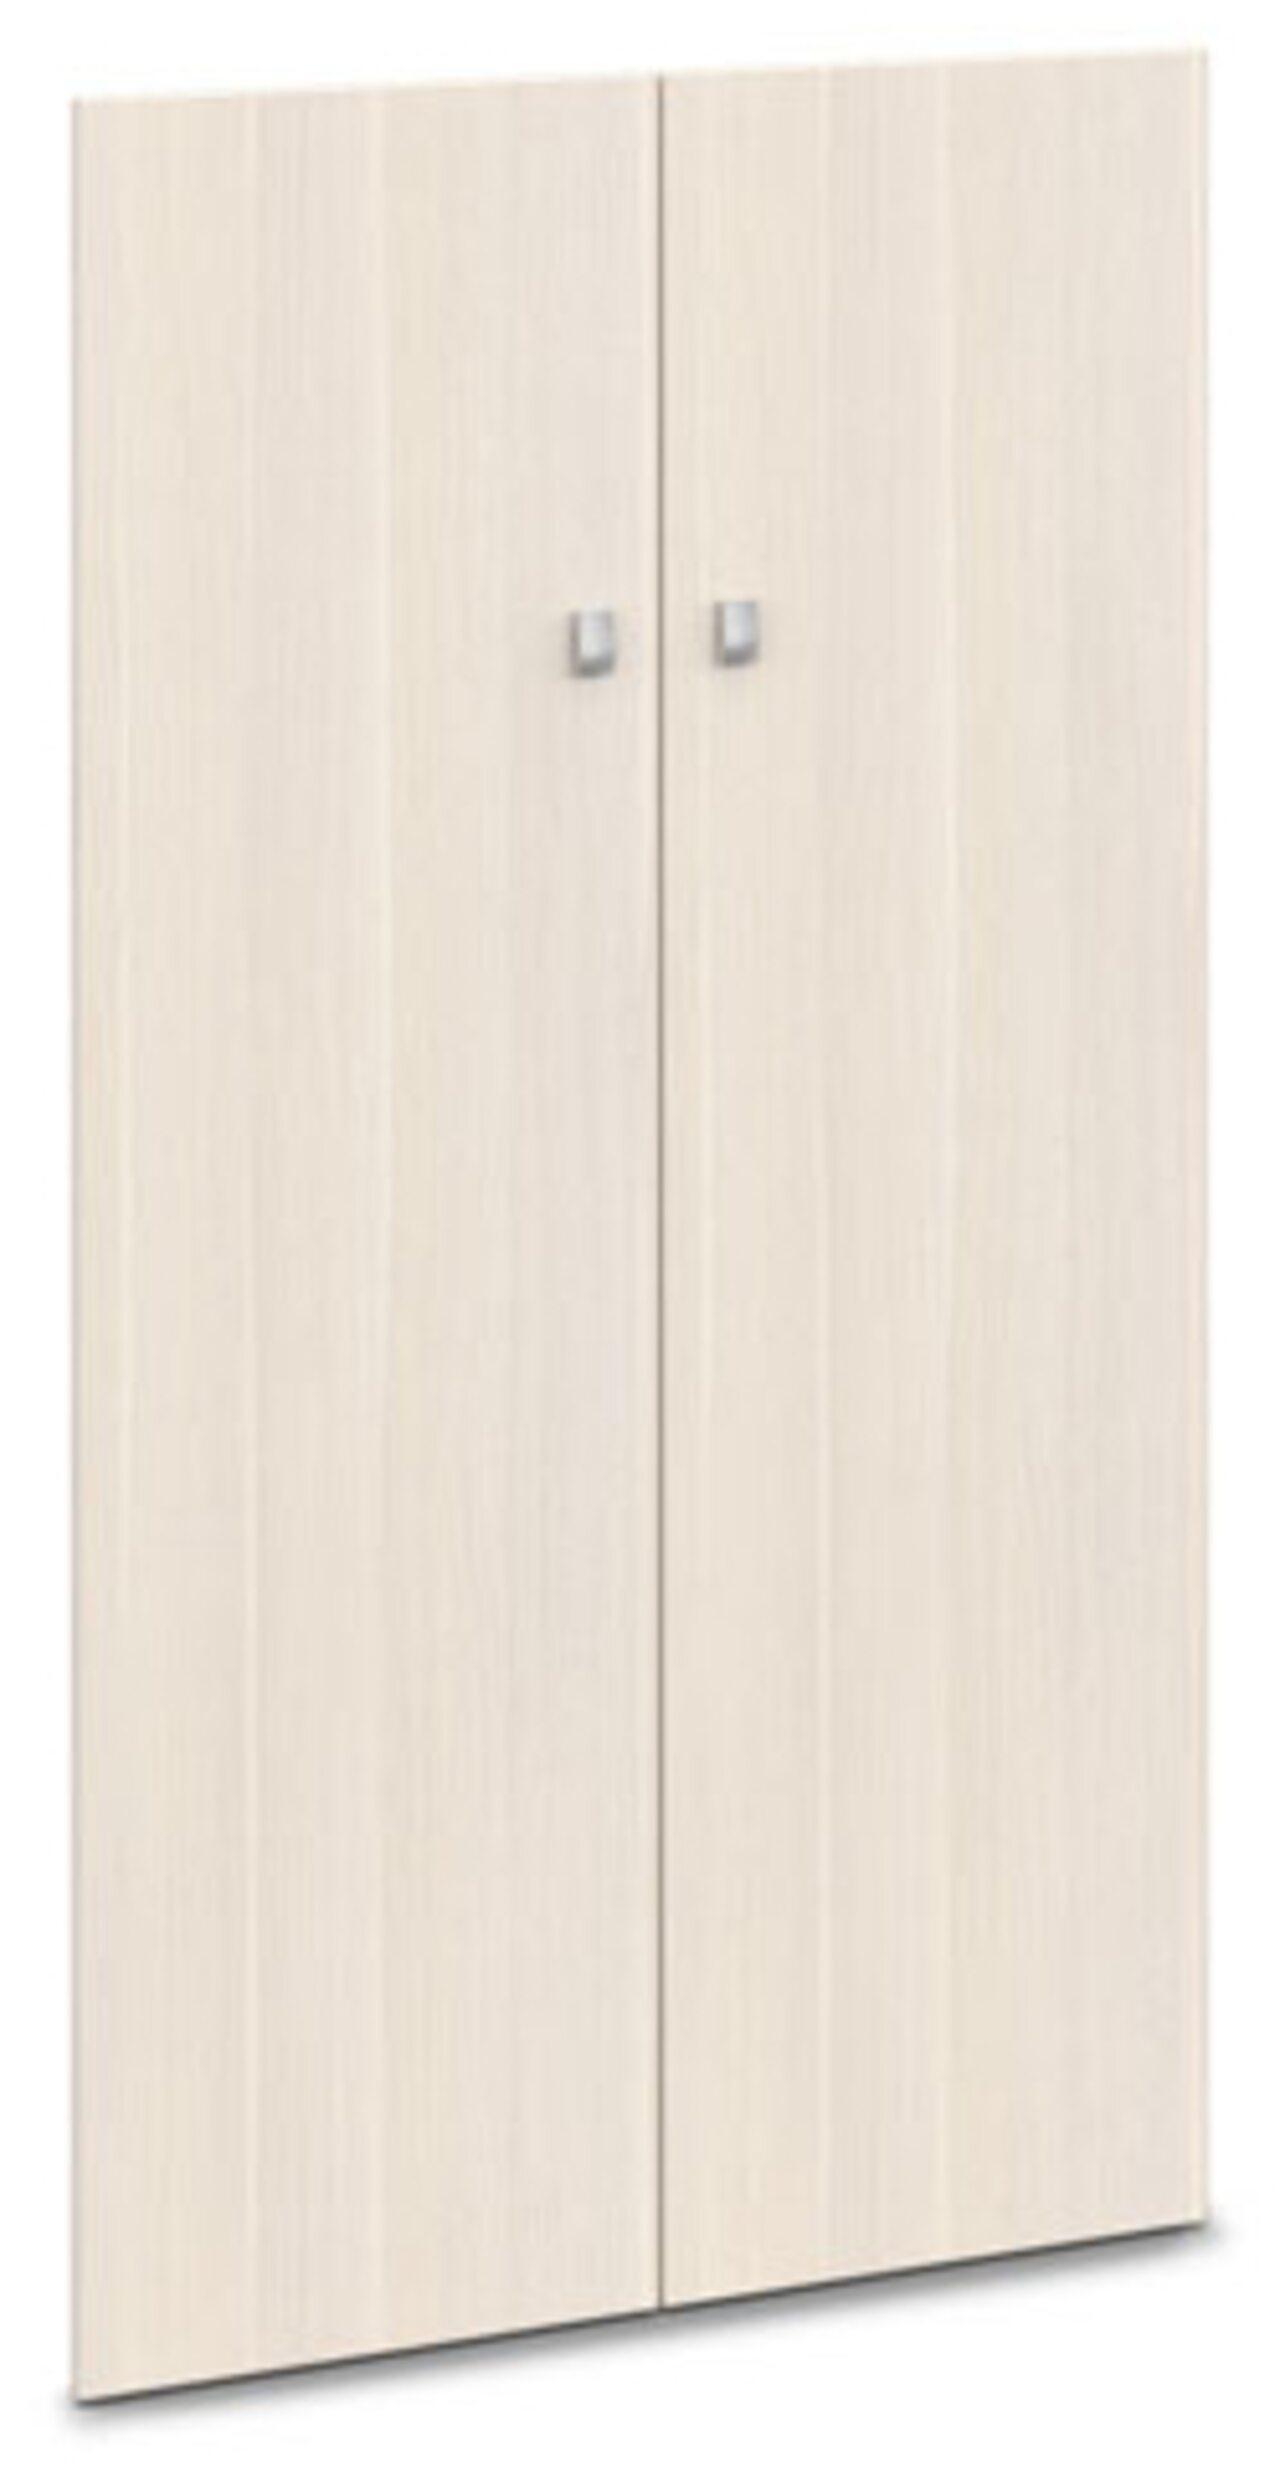 Двери ЛДСП  Vasanta 81x2x141 - фото 6